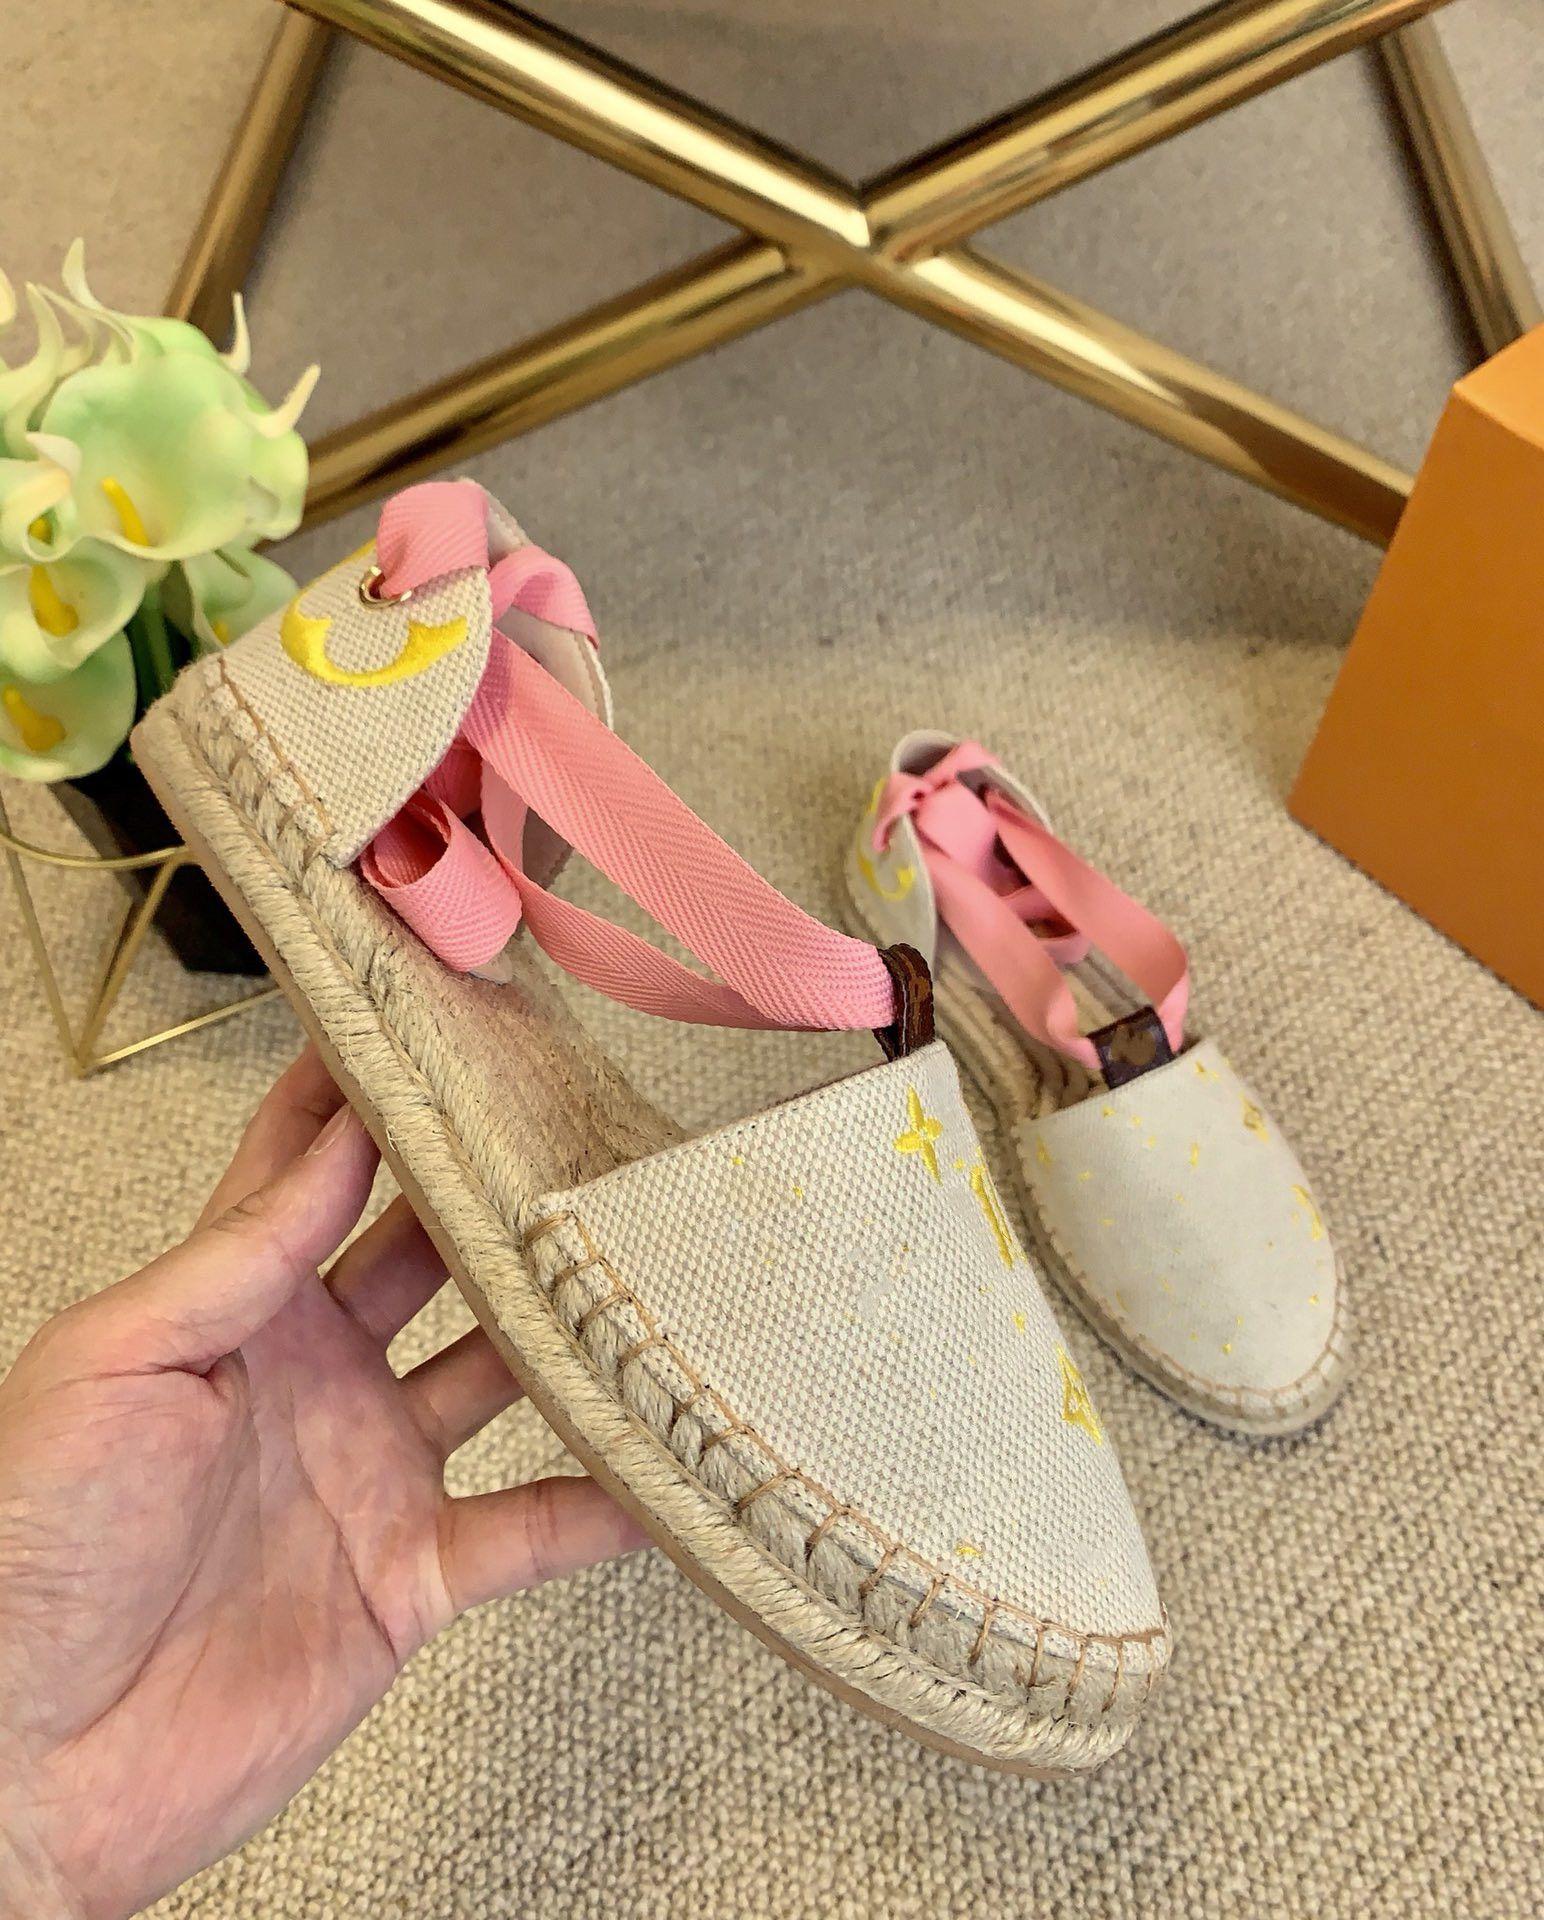 T120C 2021 Последние высококачественные сандалии конопли веревка ткачество дизайн женские тапочки высокой каблуки туфли флип флип флопа мода повседневная